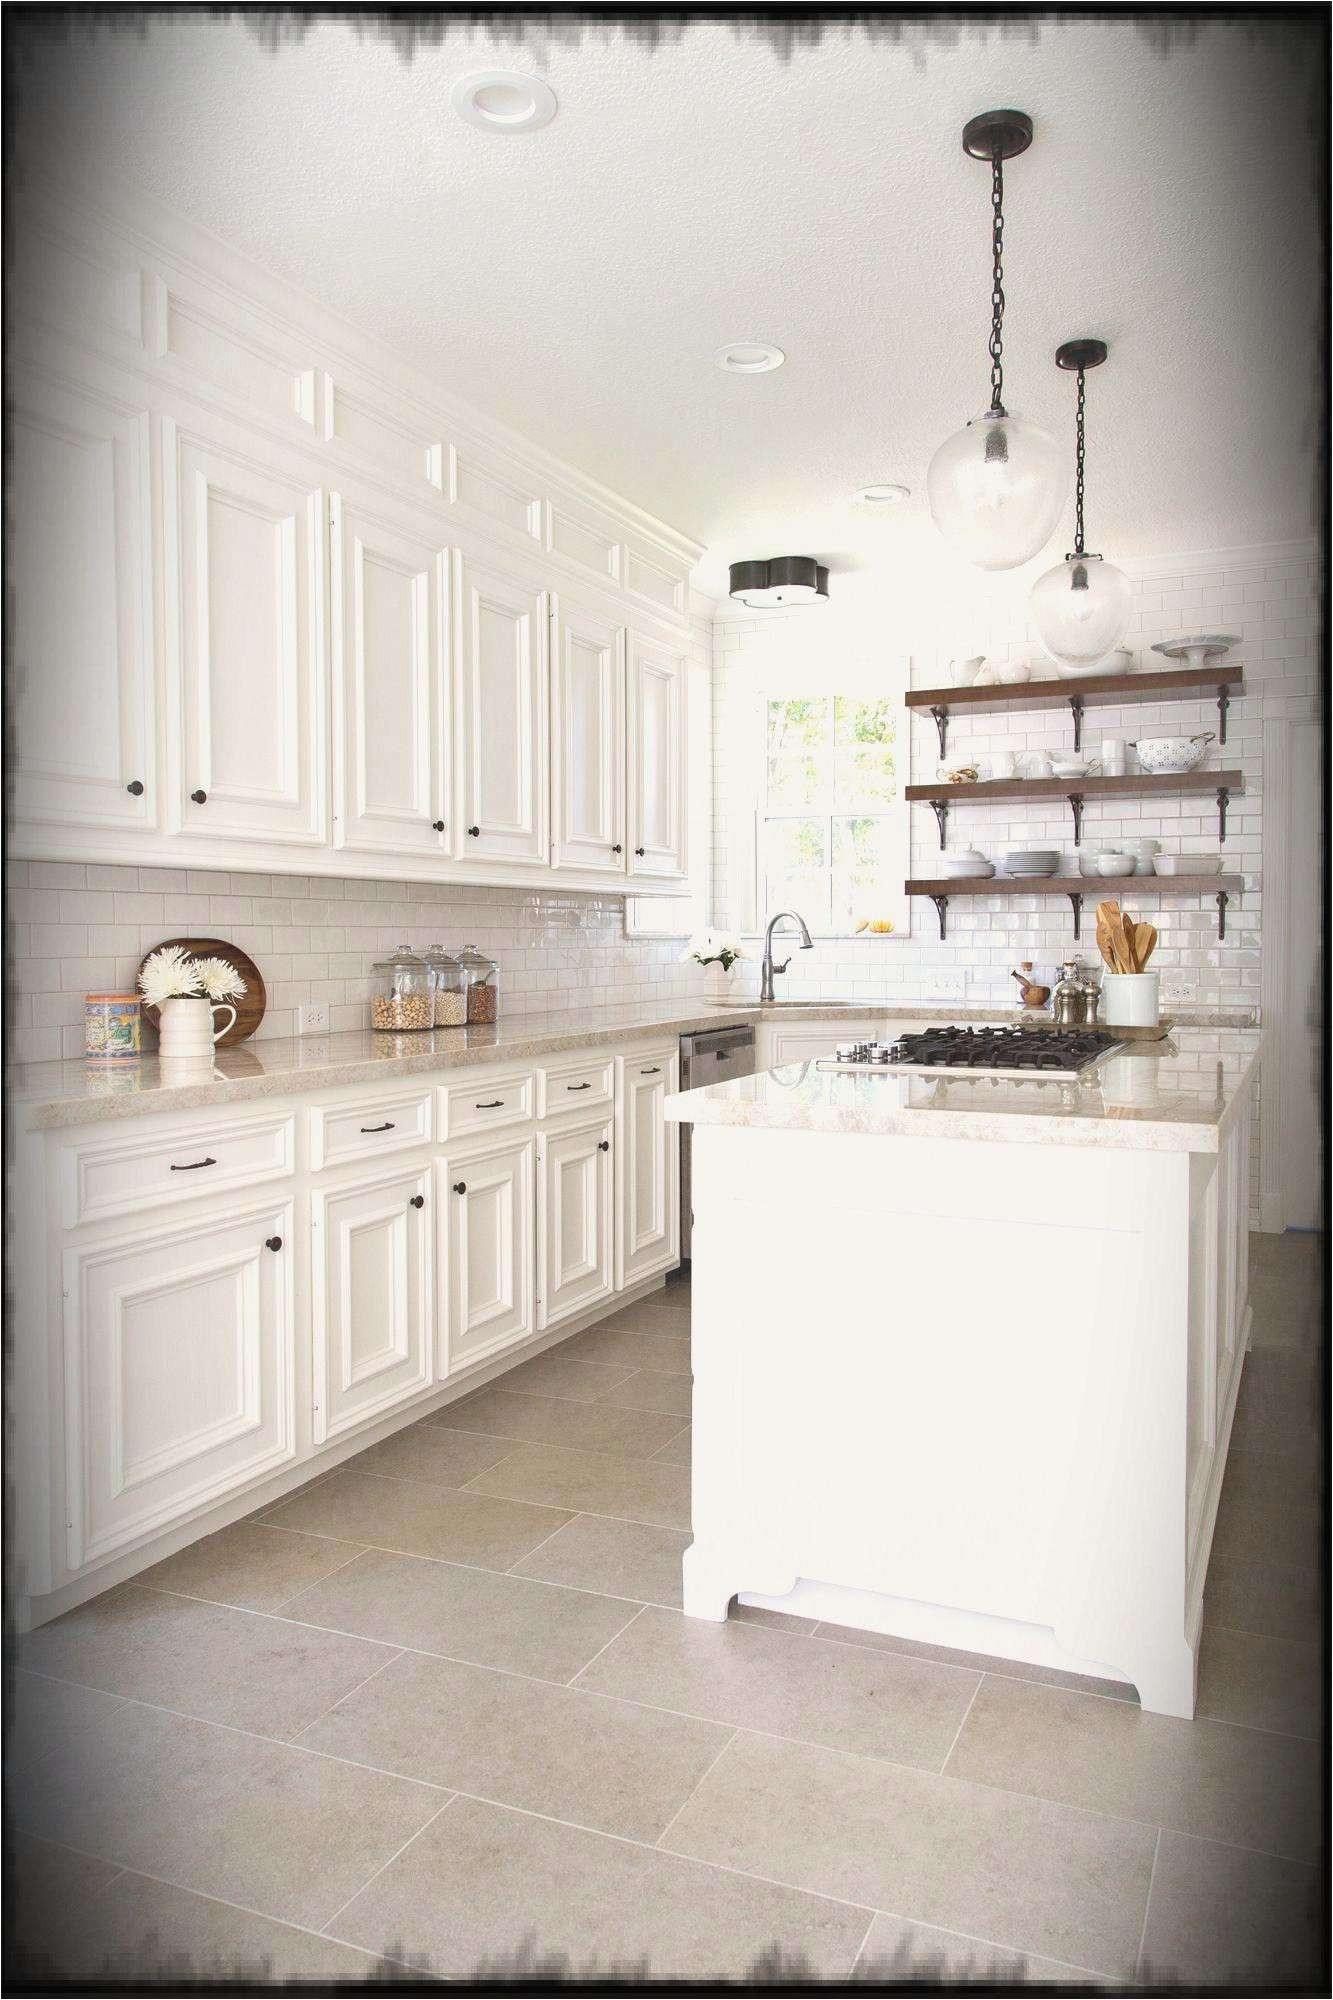 Kitchen by Design Luxury Simple Kitchen Decoration Unique Stunning Tile Kitchen In